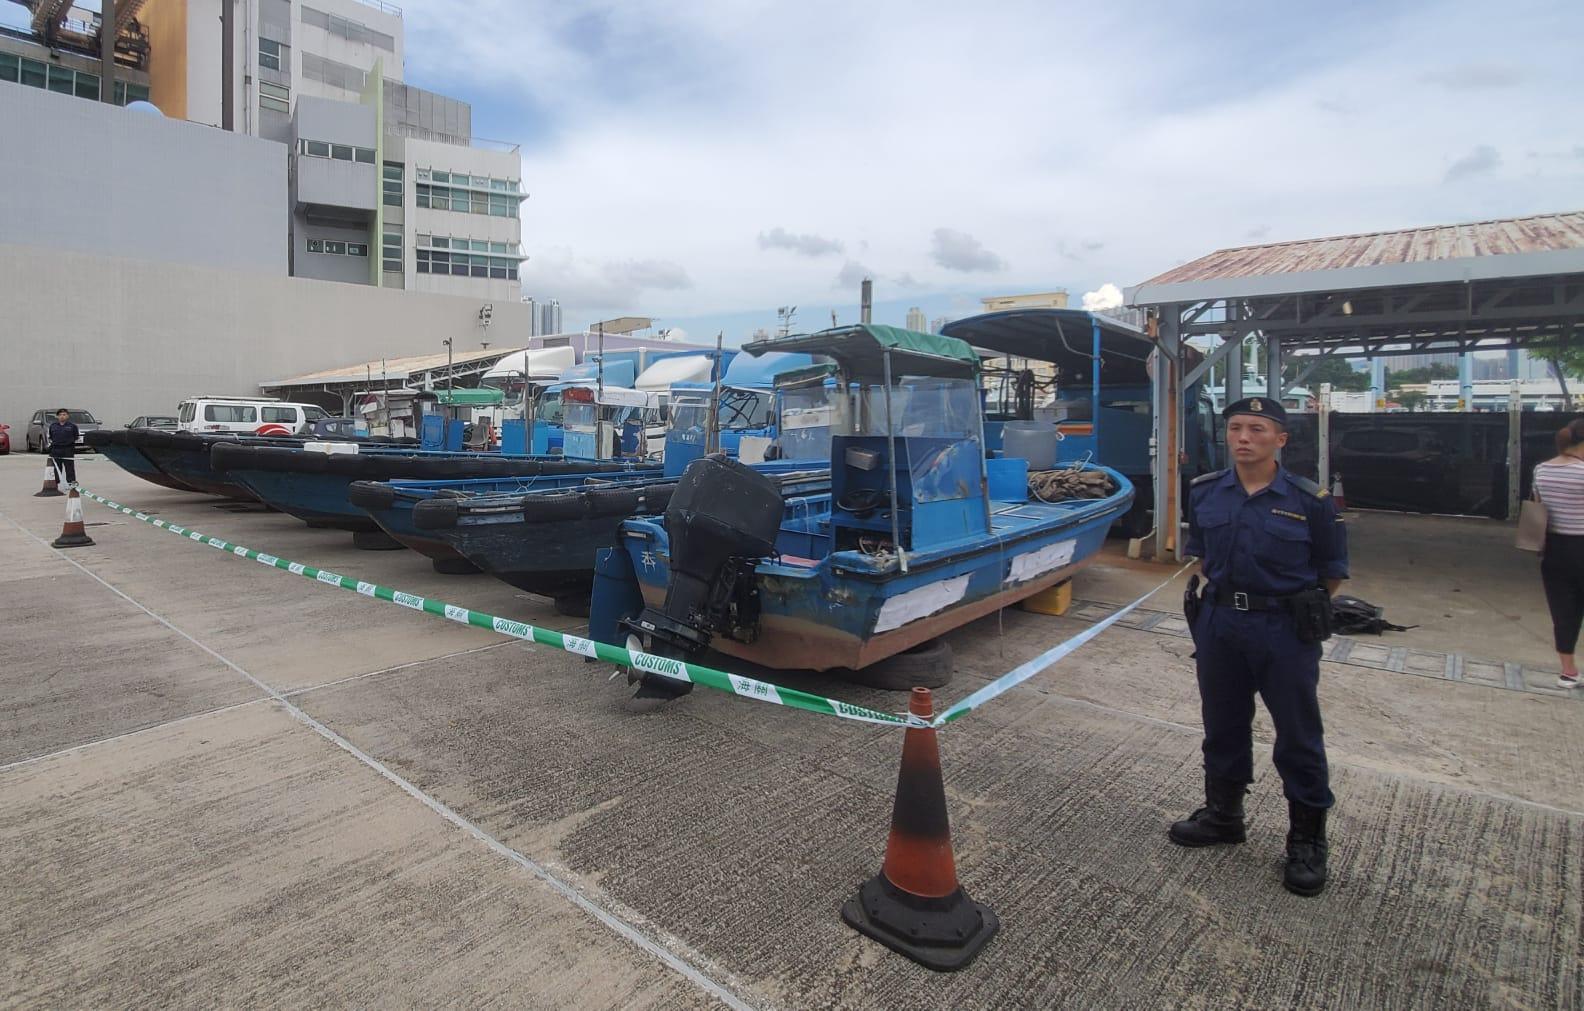 行動中扣查了6輛貨車和8艘快艇。